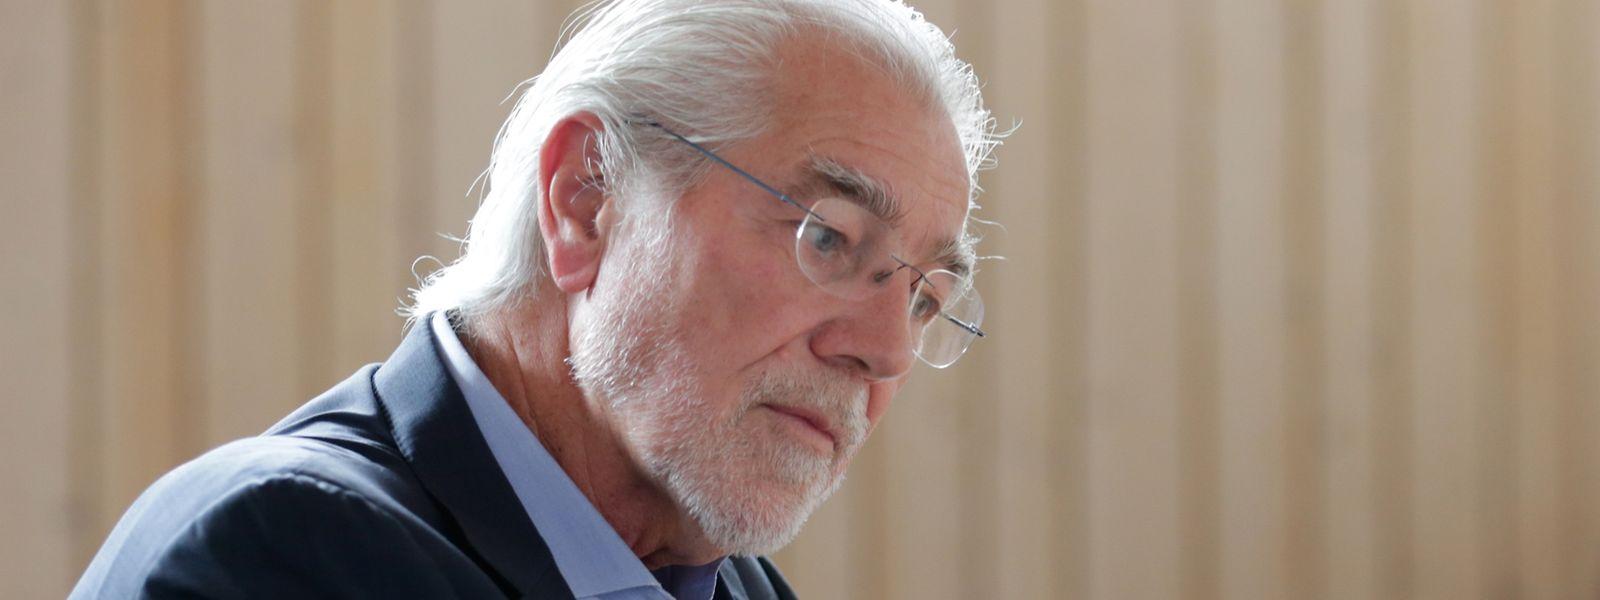 Der Schweizer Hans Rudolf Herren ist Insektenforscher sowie Landwirtschafts- und Entwicklungsexperte. Als Gastredner versucht er, den Menschen die Bedeutung einer nachhaltigeren Landwirtschaft näherzubringen.